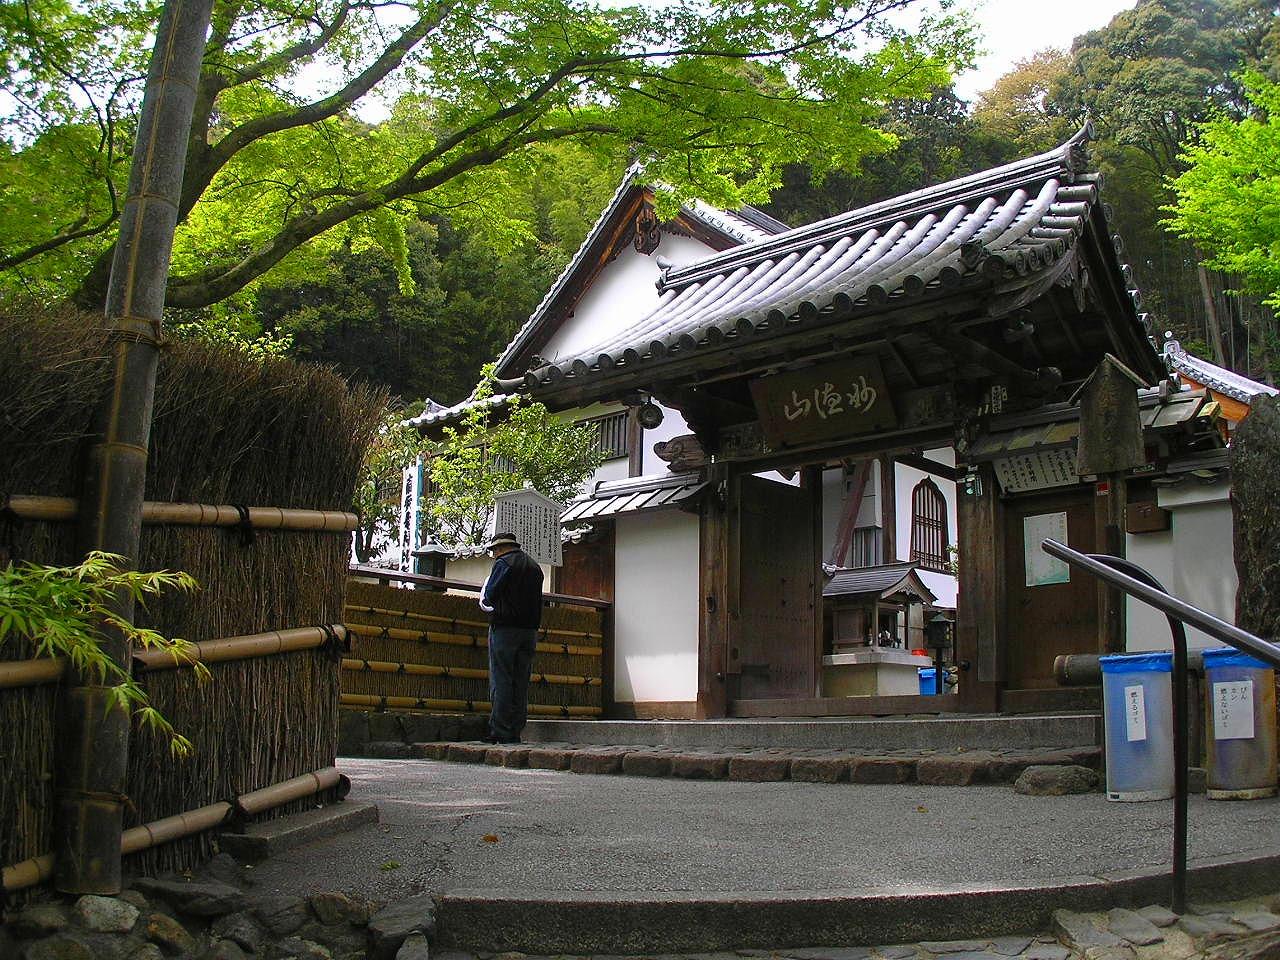 Kegonji_Kyoto_suzumushidera-hondo_4230554